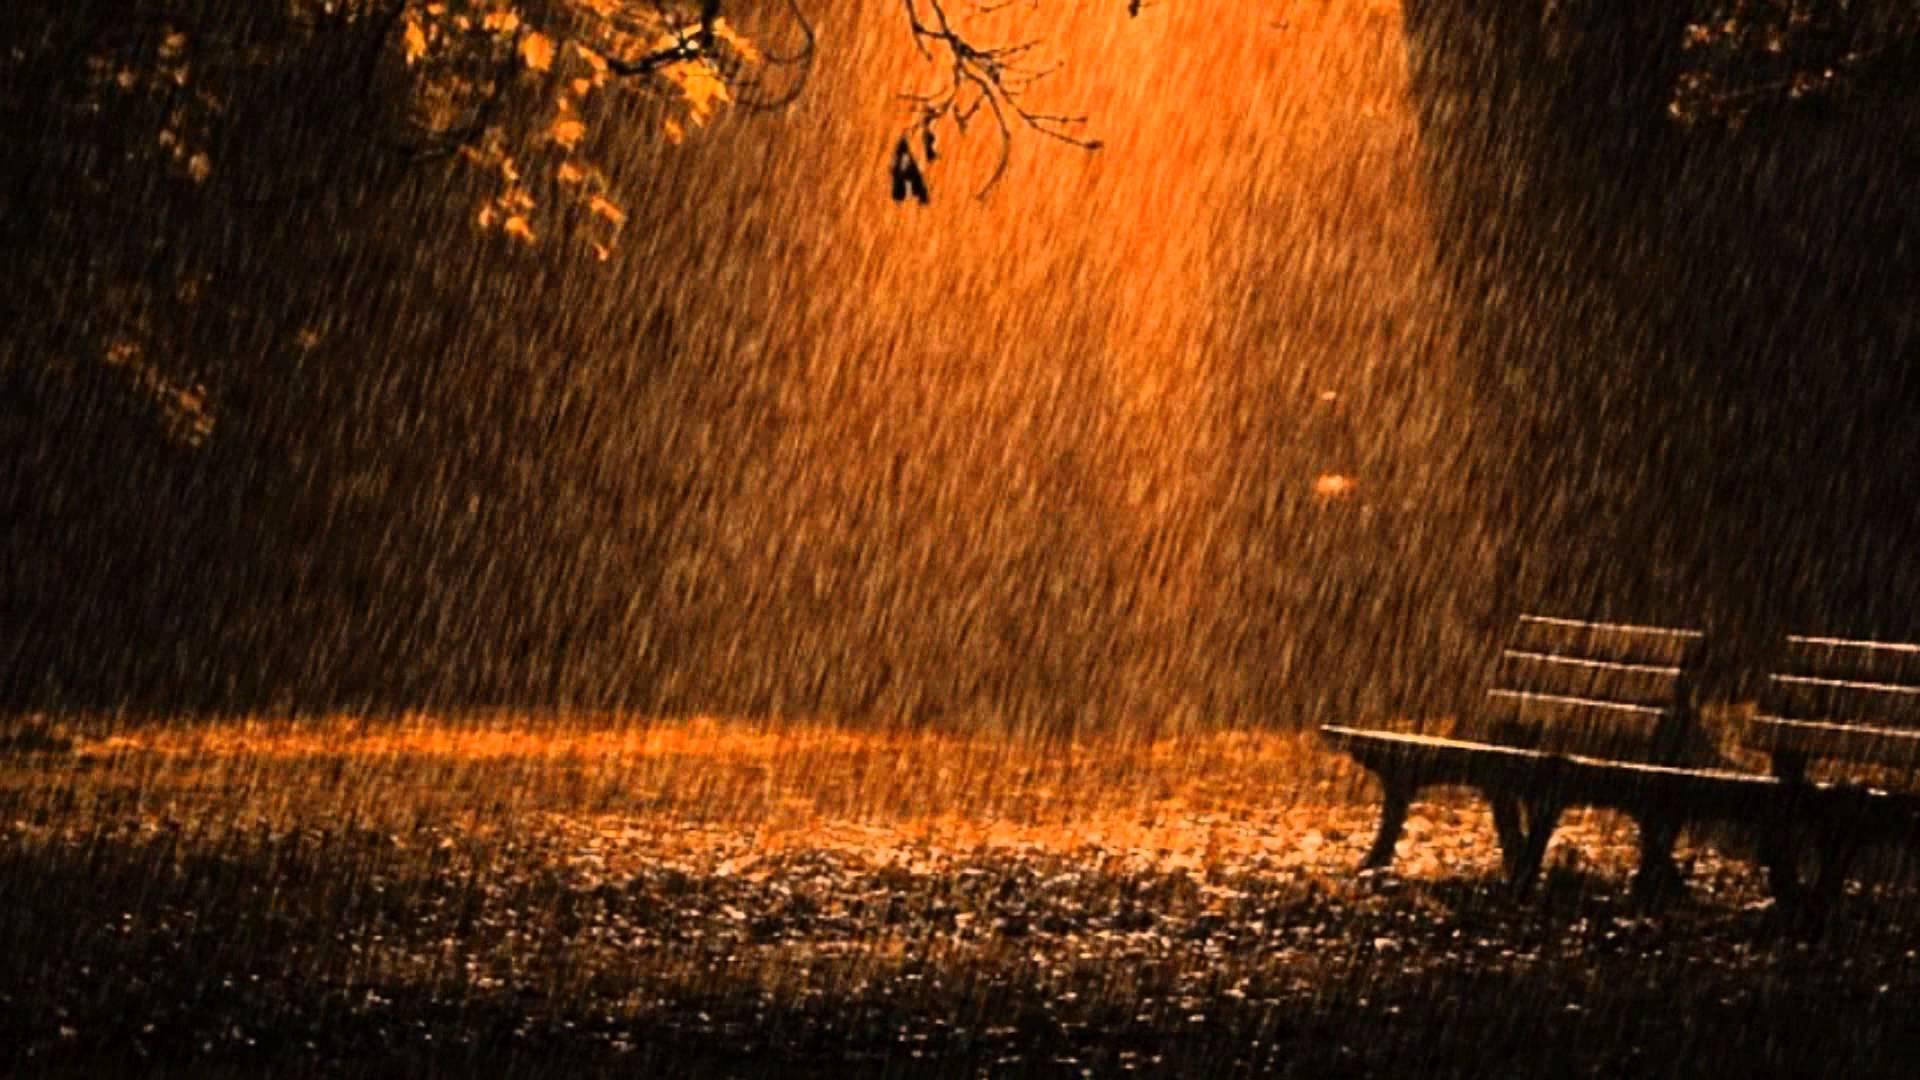 гифка дождь вечером такого